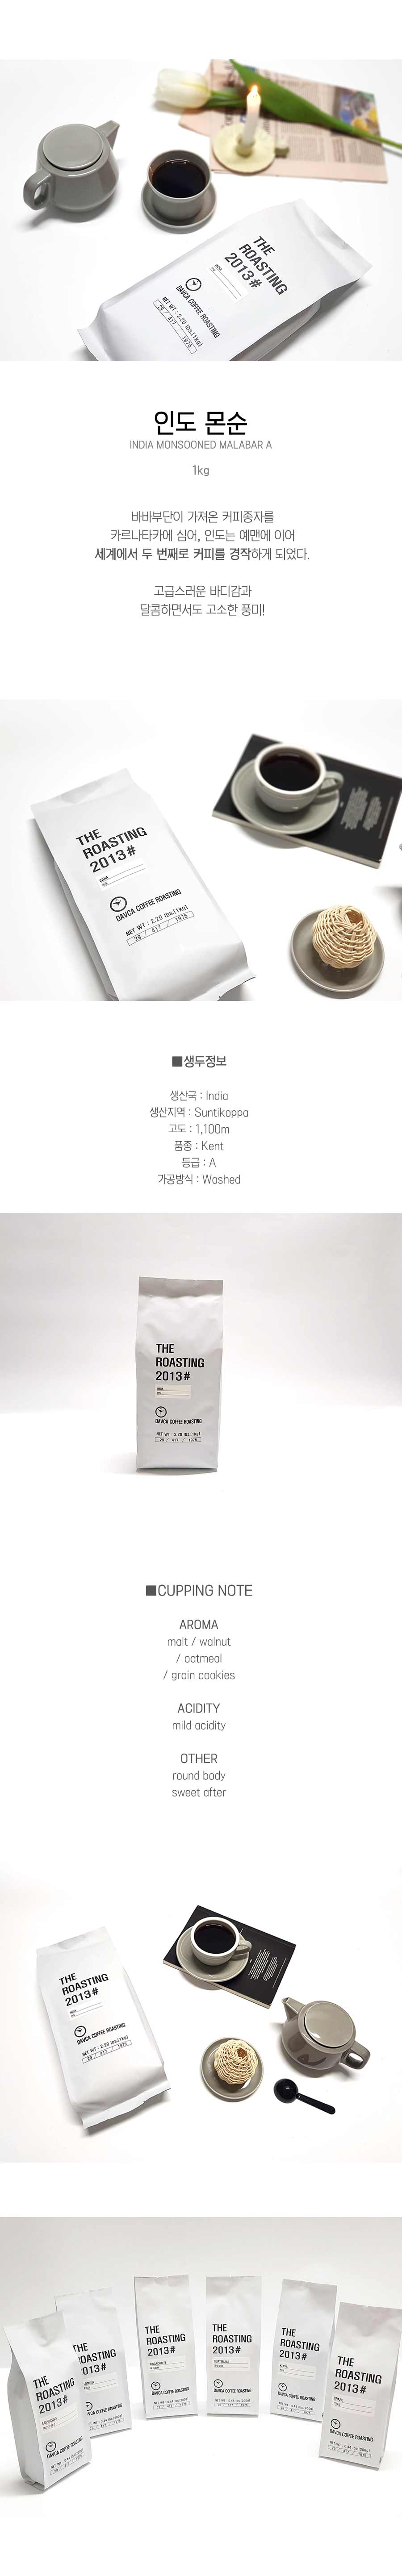 당일로스팅 핸드드립원두 홀빈 가루 맛있는커피 인도1kg - 다브카커피, 32,500원, 커피, 원두커피